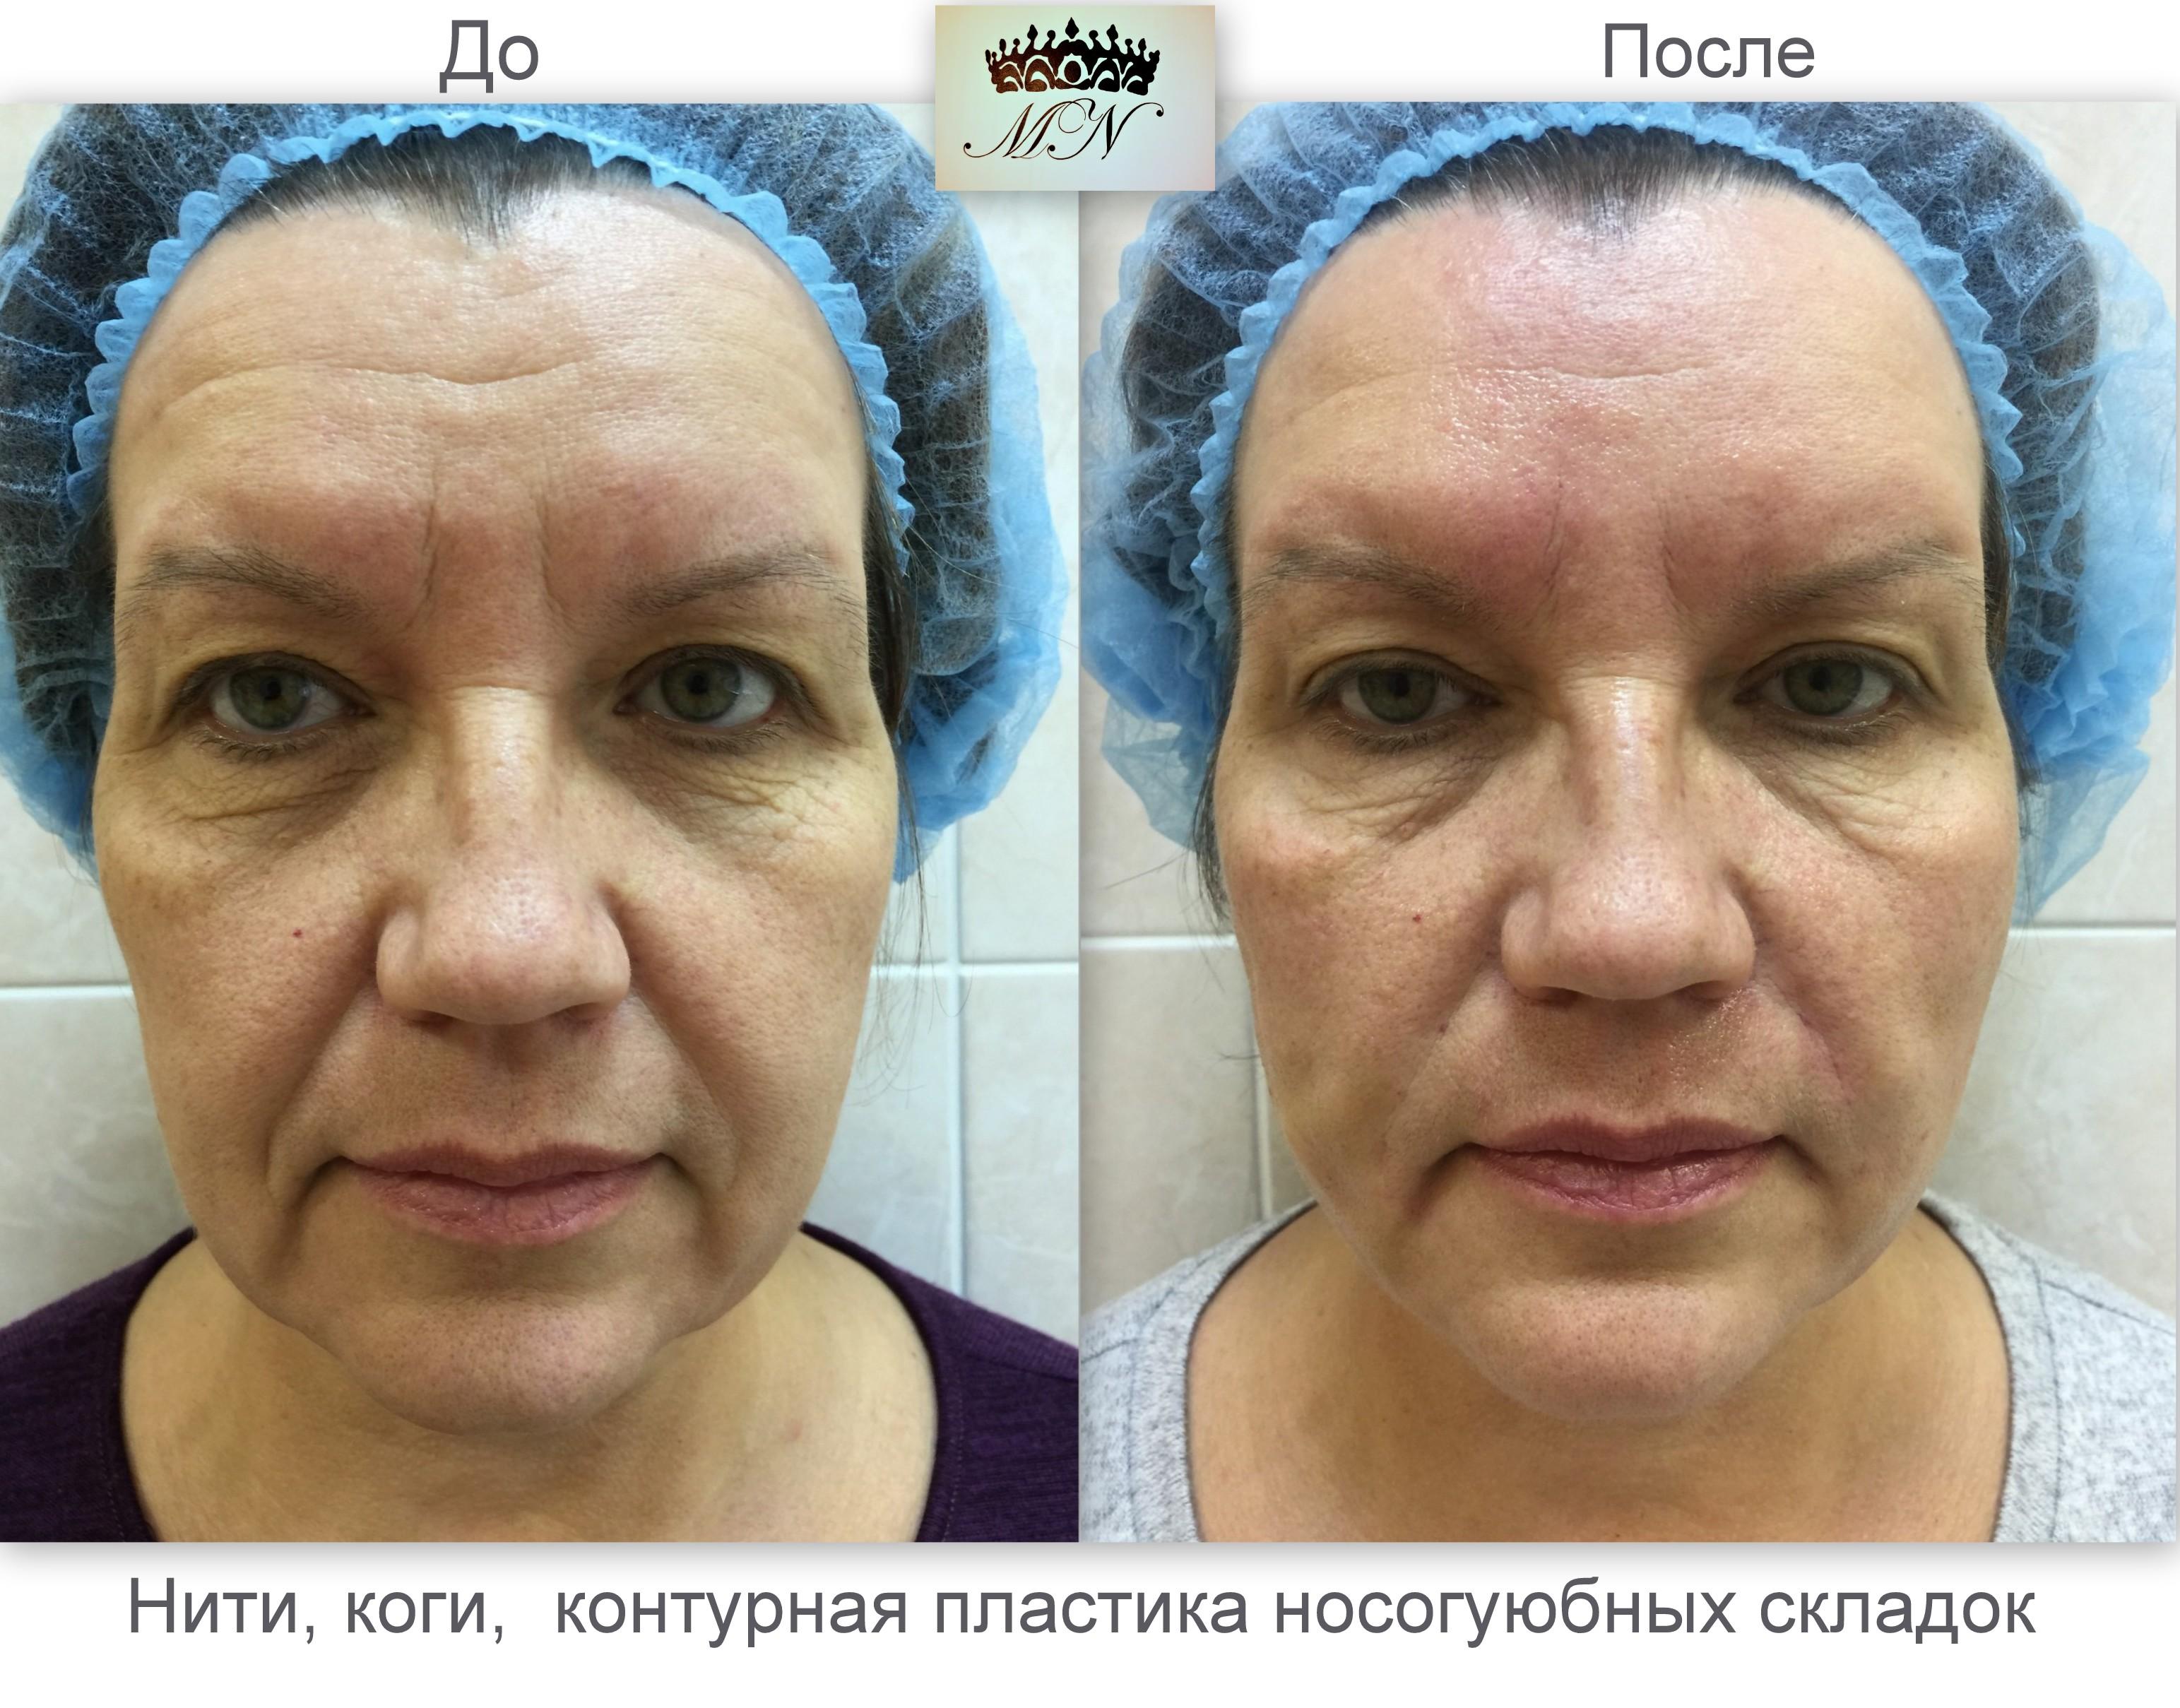 Нити cog (коги) для подтяжки лица. цена, отзывы, фото до и после, реабилитация